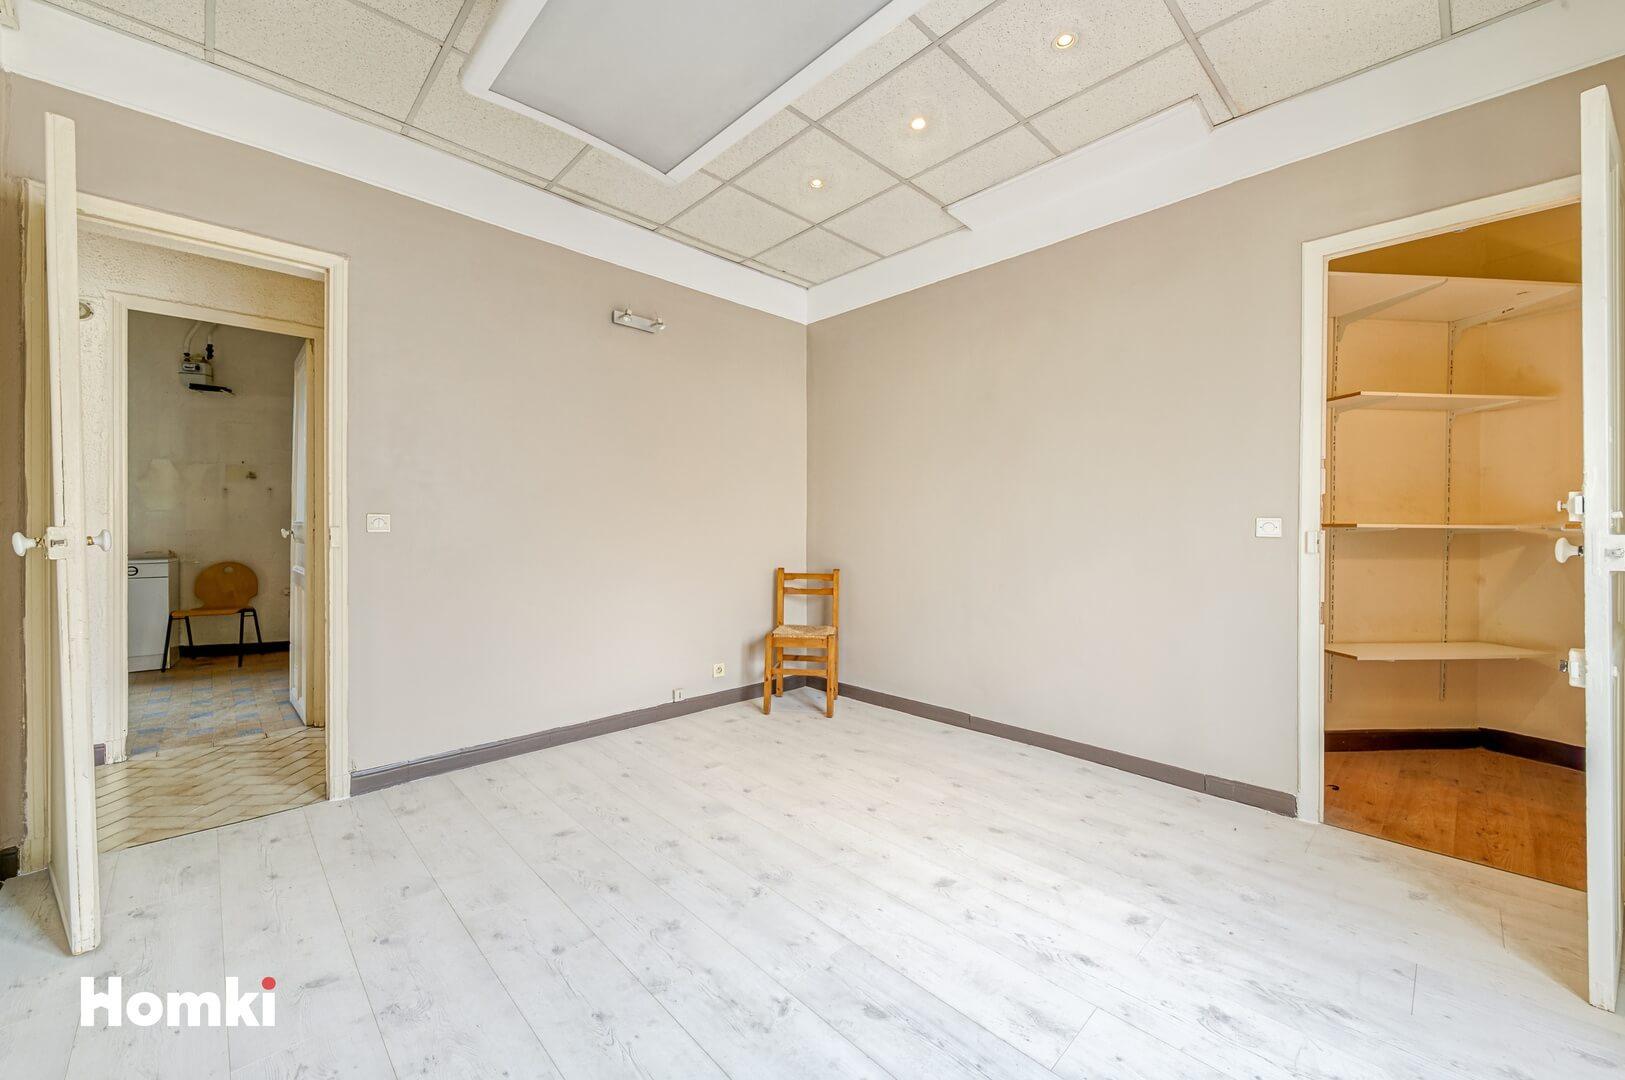 Homki - Vente Appartement  de 71.0 m² à Marseille 13003